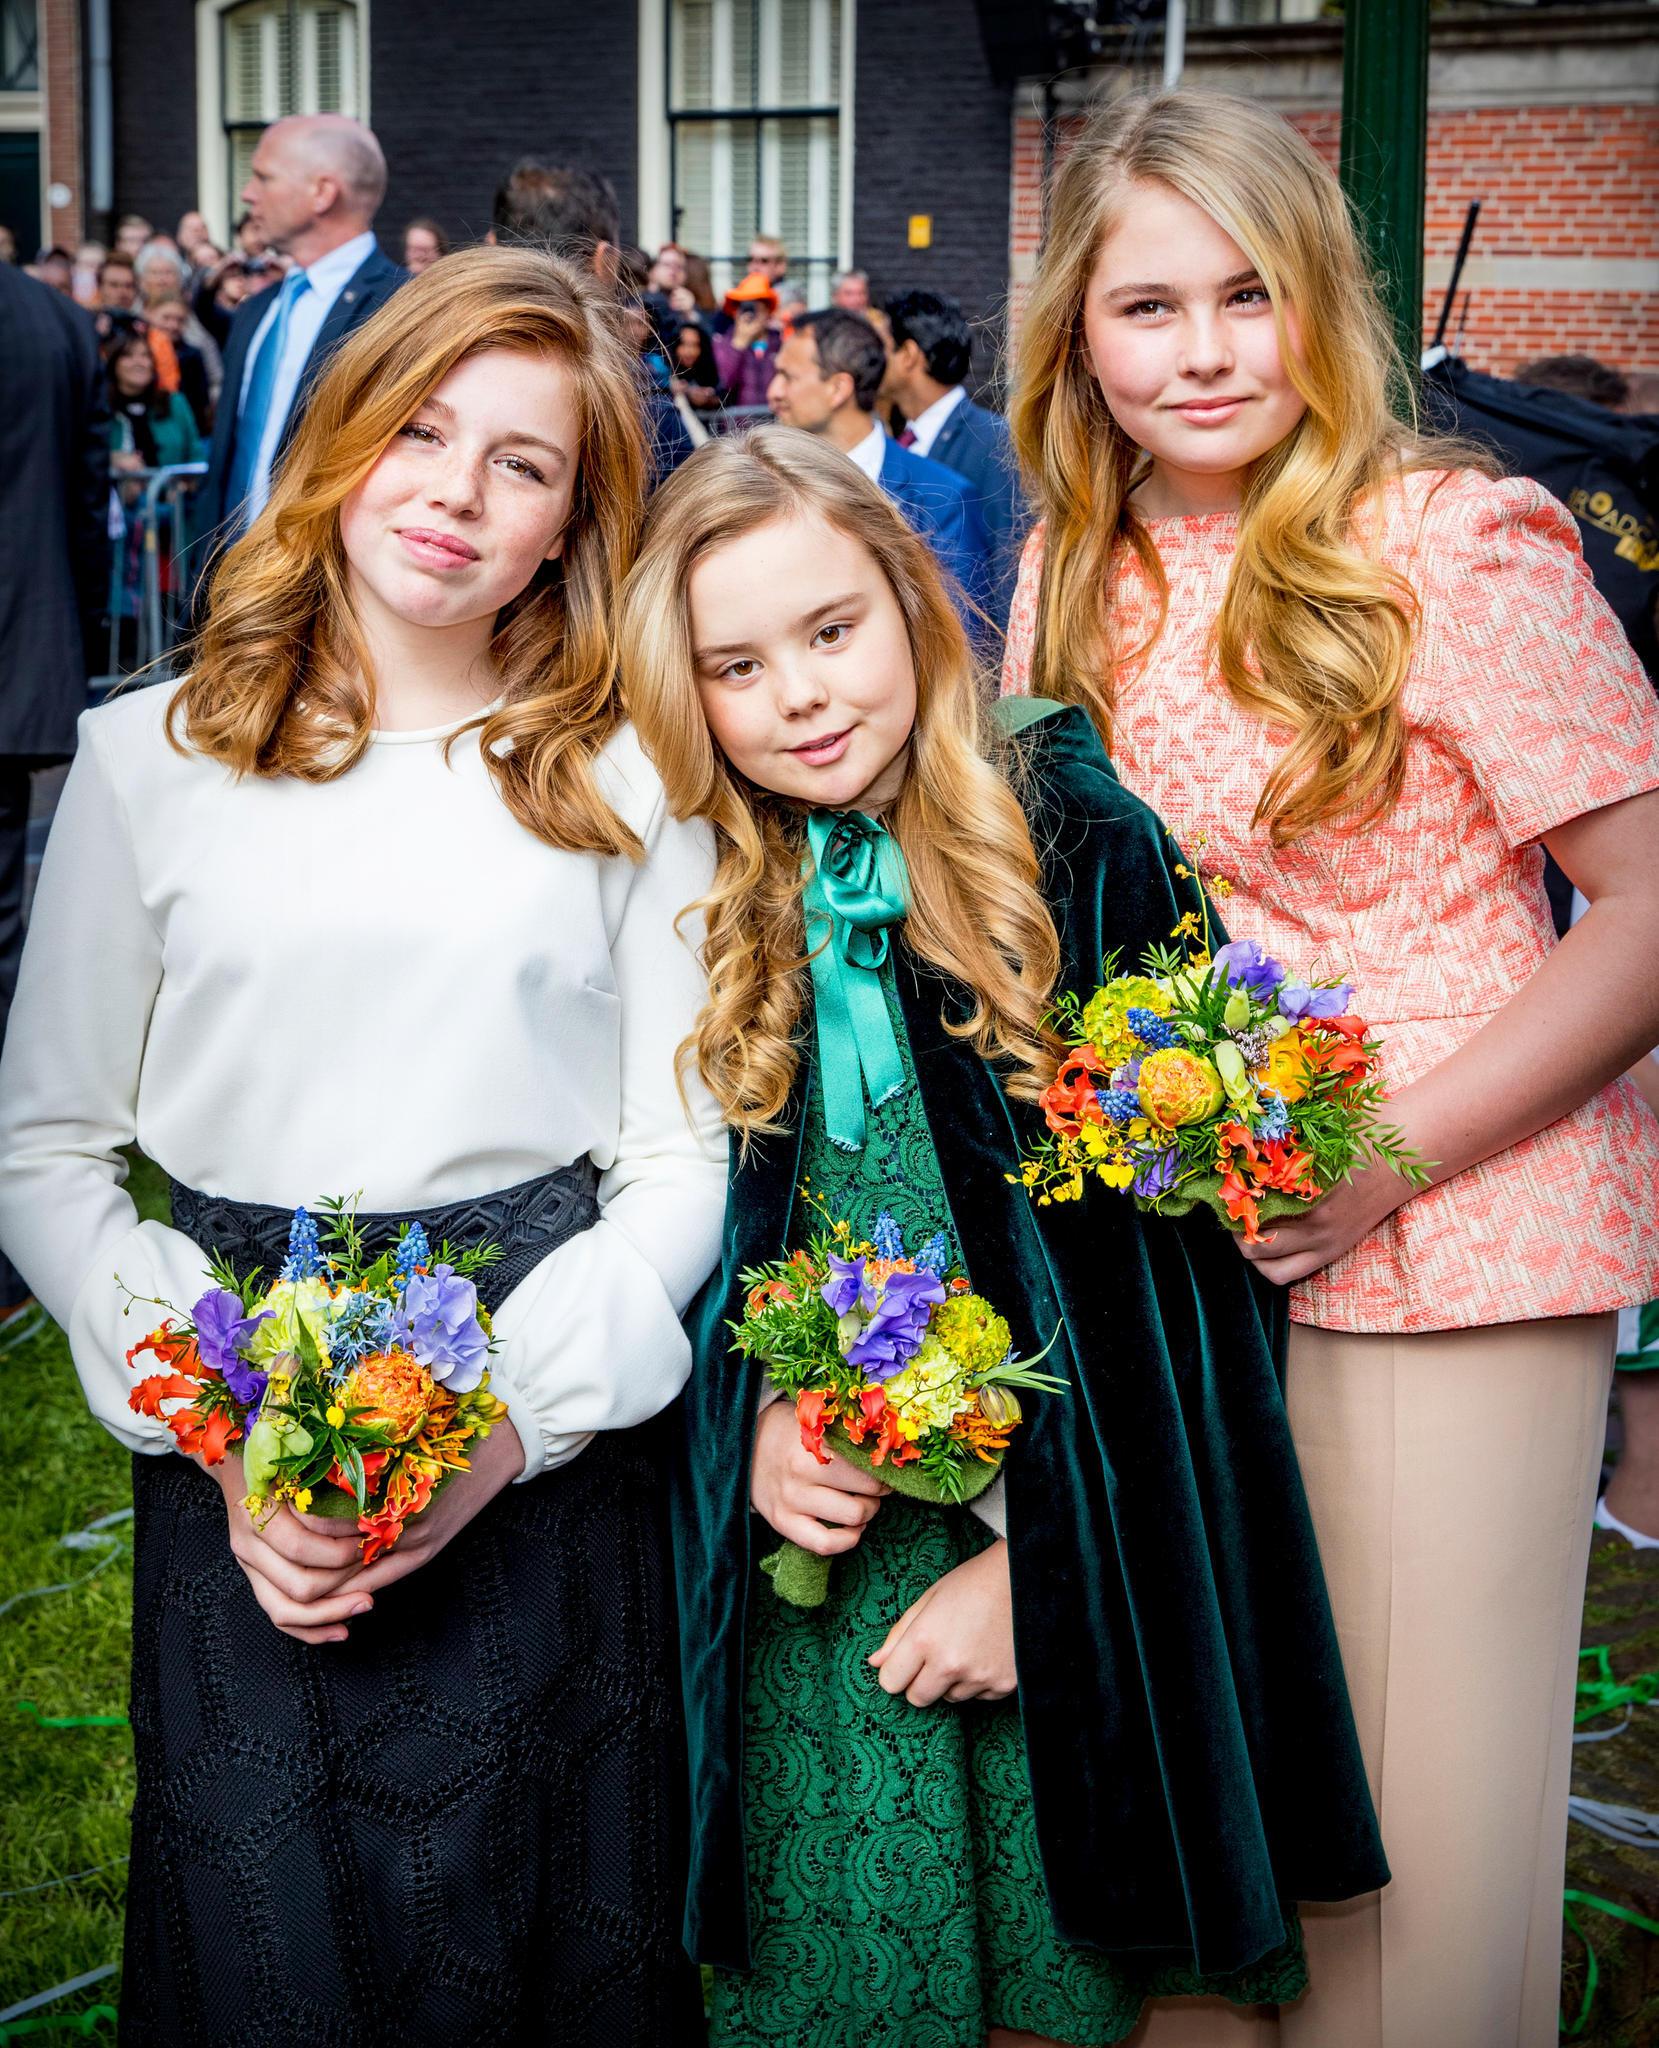 Bildschöner Nachwuchs des niederländischen Königshauses: Auf ihre Töchter Alexia, Ariane und Amalia (v. l.)